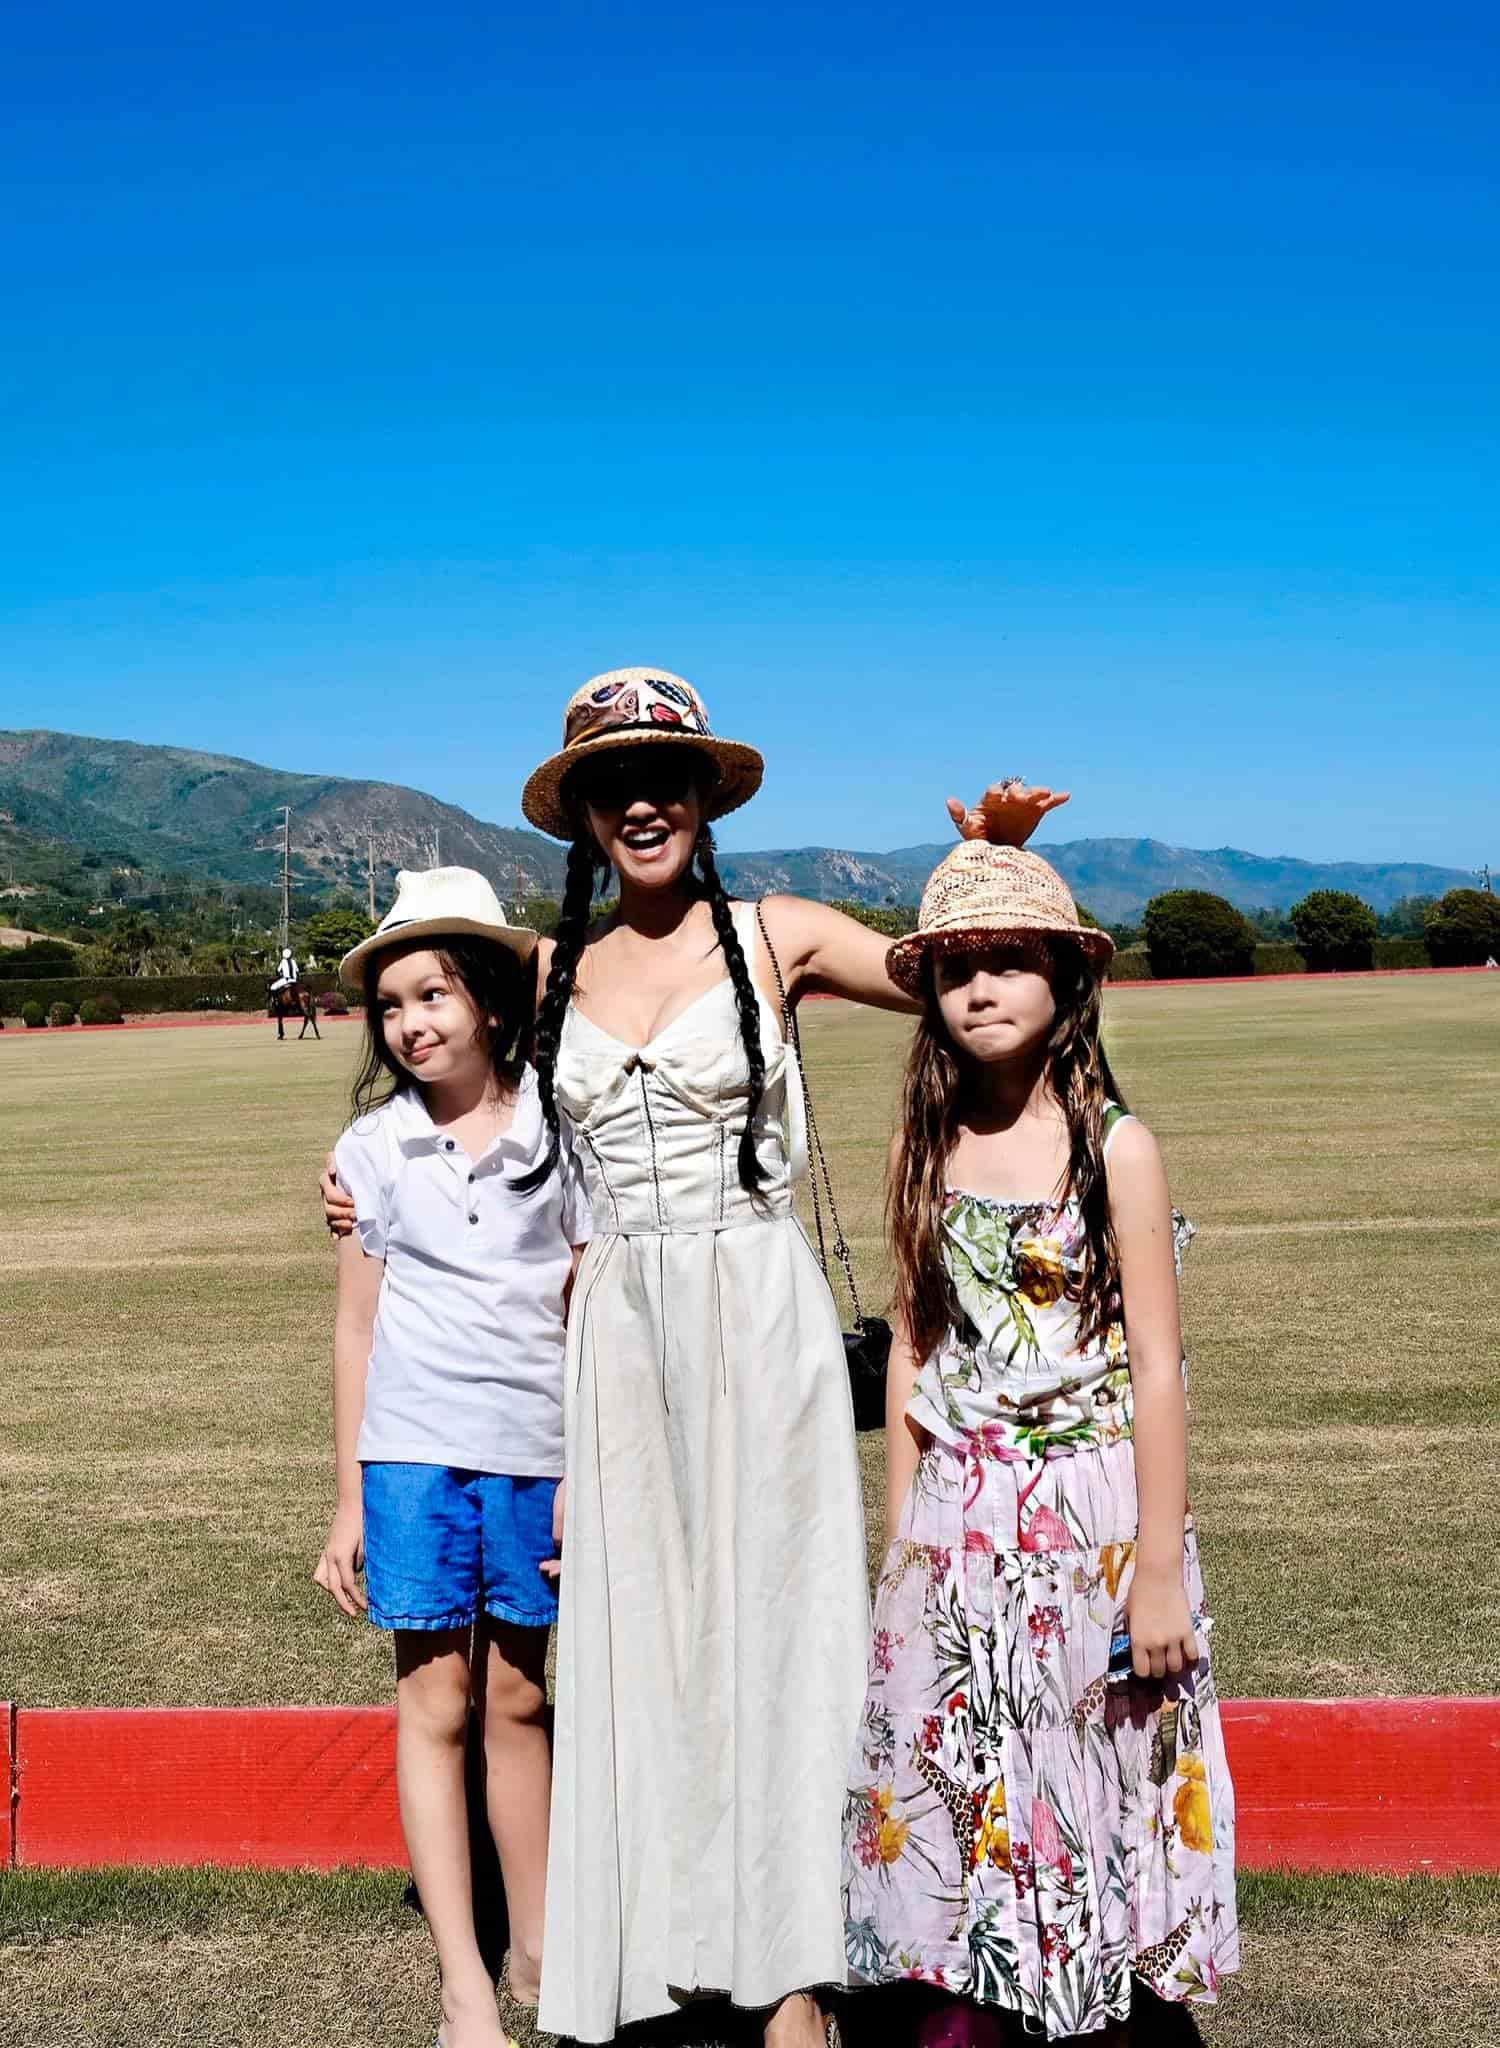 Cặp song sinh lai nhà Hồng Nhung đẹp tựa thiên thần, chơi môn thể thao hoàng gia để rèn dáng